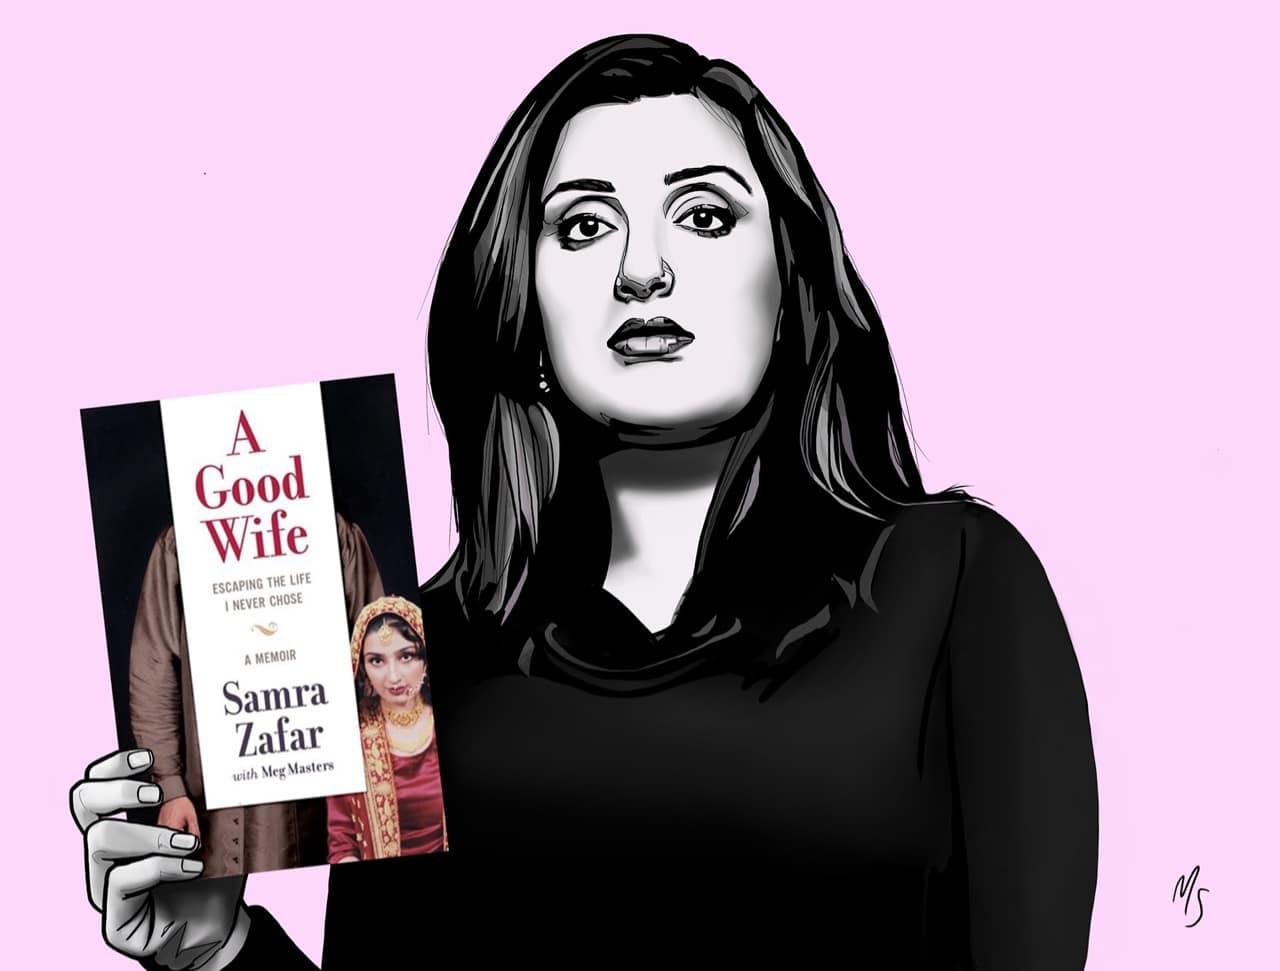 Samra Zafar's A Good Wife.